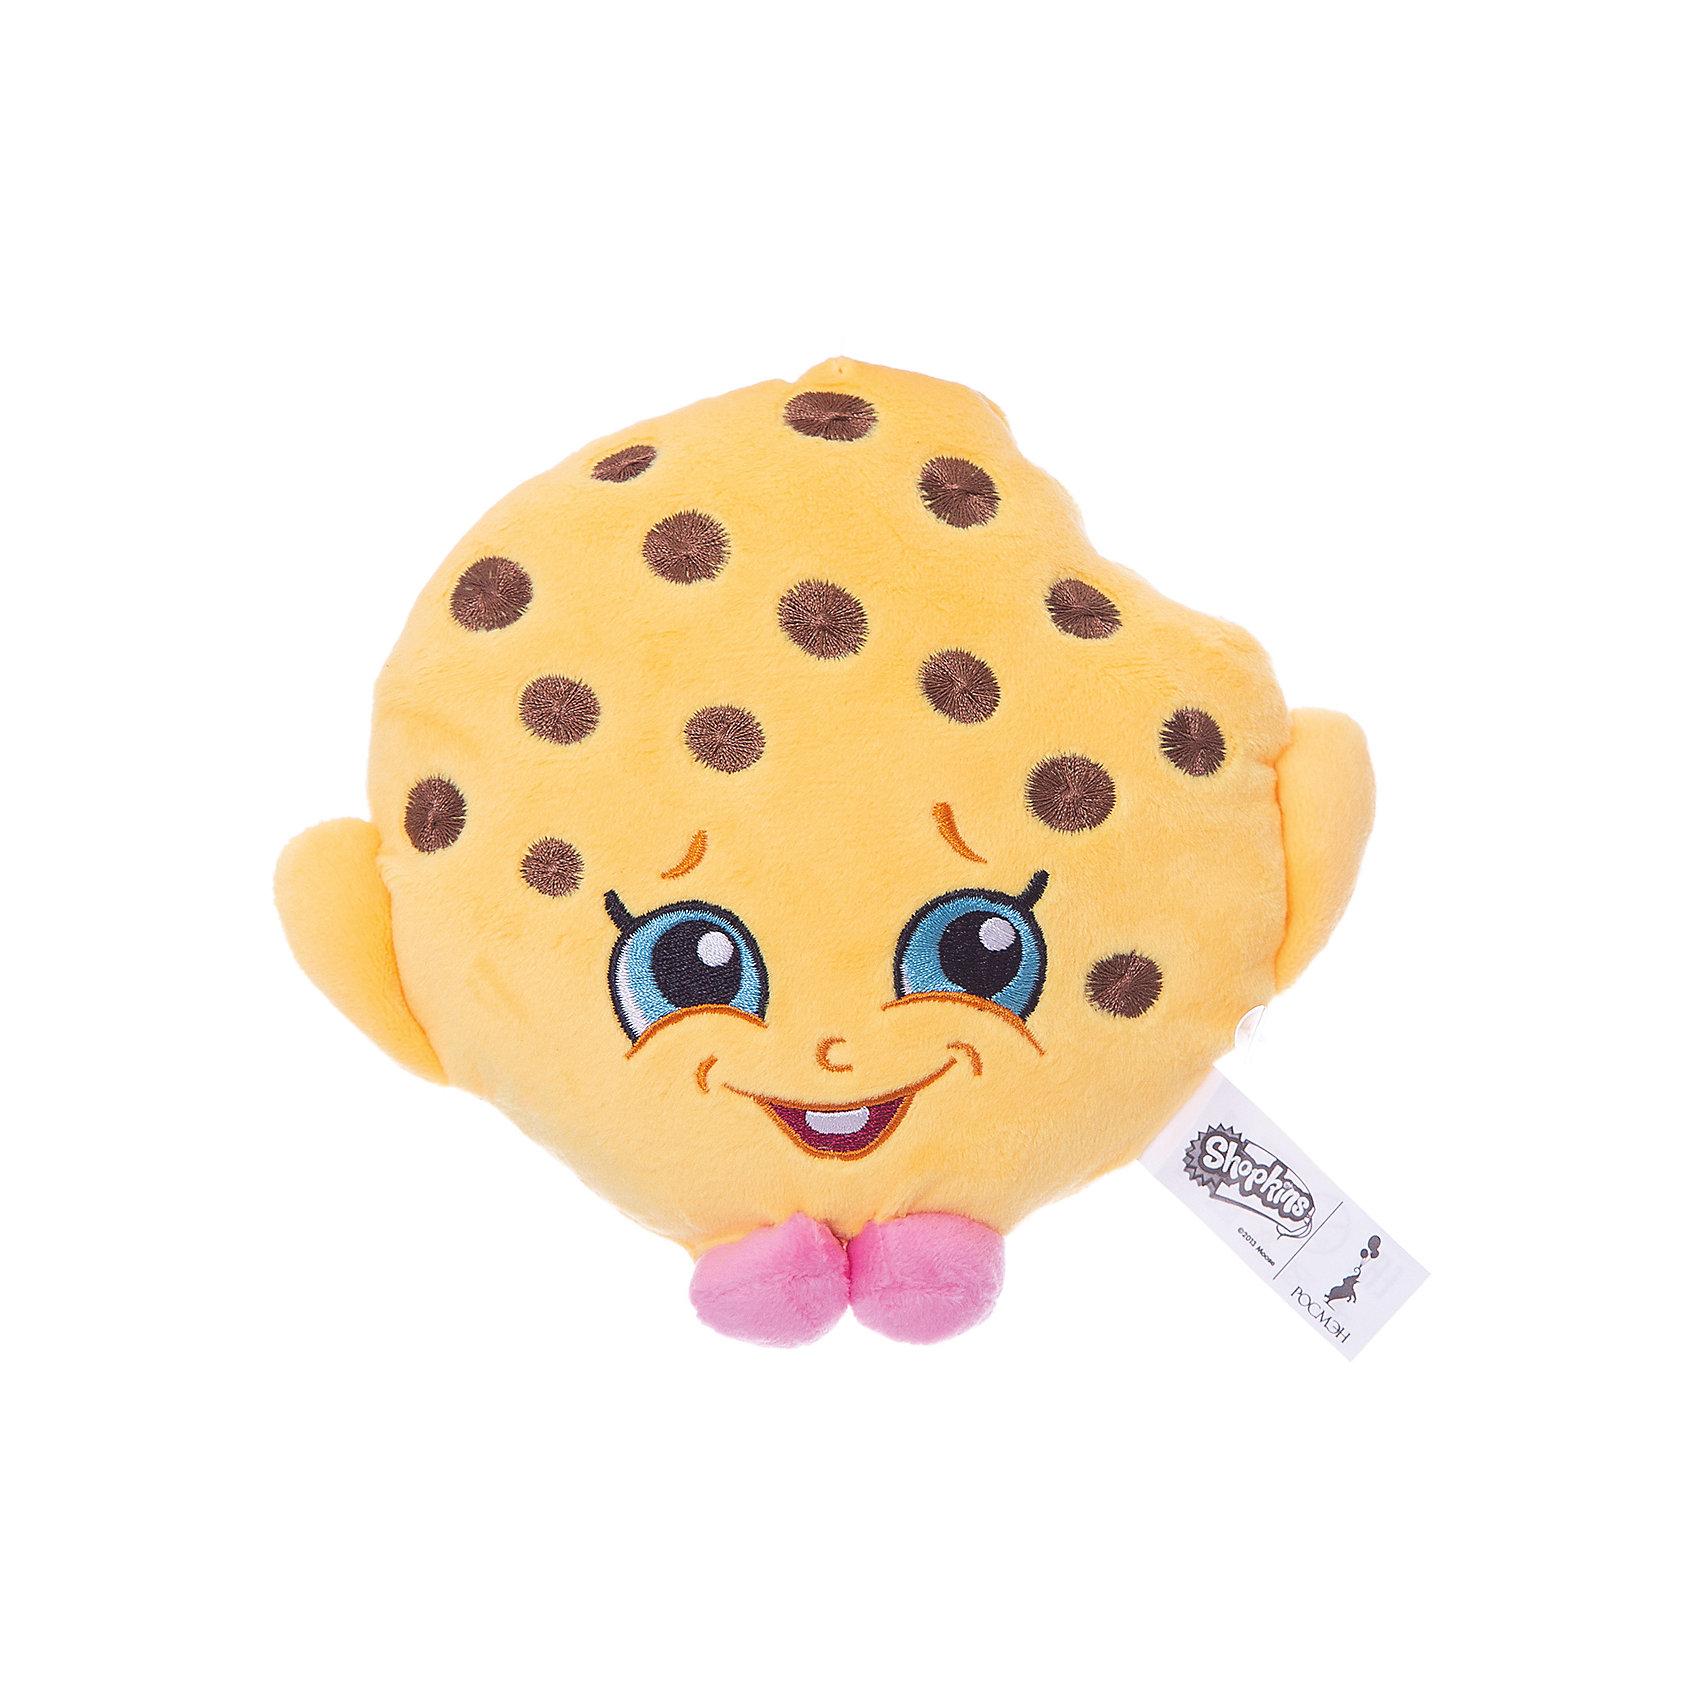 Мягкая игрушка Печенька Куки, 20см, ShopkinsShopkins<br>Характеристики:<br><br>• размер игрушки: 20 см;<br>• материал: плюш;<br>• наполнитель: синтепон;<br>• декоративные элементы: вышивка;<br>• упаковка: ПВХ-пакет.<br><br>Плюшевая коллекционная игрушка Шопкинс создана по мотивам мультсериала для детей. Улыбчивая Печенька Куки оформлена в соответствии с героиней Shopkins, личико - вышивка-аппликация, тельце мягконабивное, игрушка приятная на ощупь. В процессе игры развивается воображение, речь, тактильное восприятие.<br><br>Мягкую игрушку Печенька Куки, 20см, Shopkins можно купить в нашем магазине.<br><br>Ширина мм: 180<br>Глубина мм: 160<br>Высота мм: 50<br>Вес г: 60<br>Возраст от месяцев: 36<br>Возраст до месяцев: 2147483647<br>Пол: Женский<br>Возраст: Детский<br>SKU: 5247682